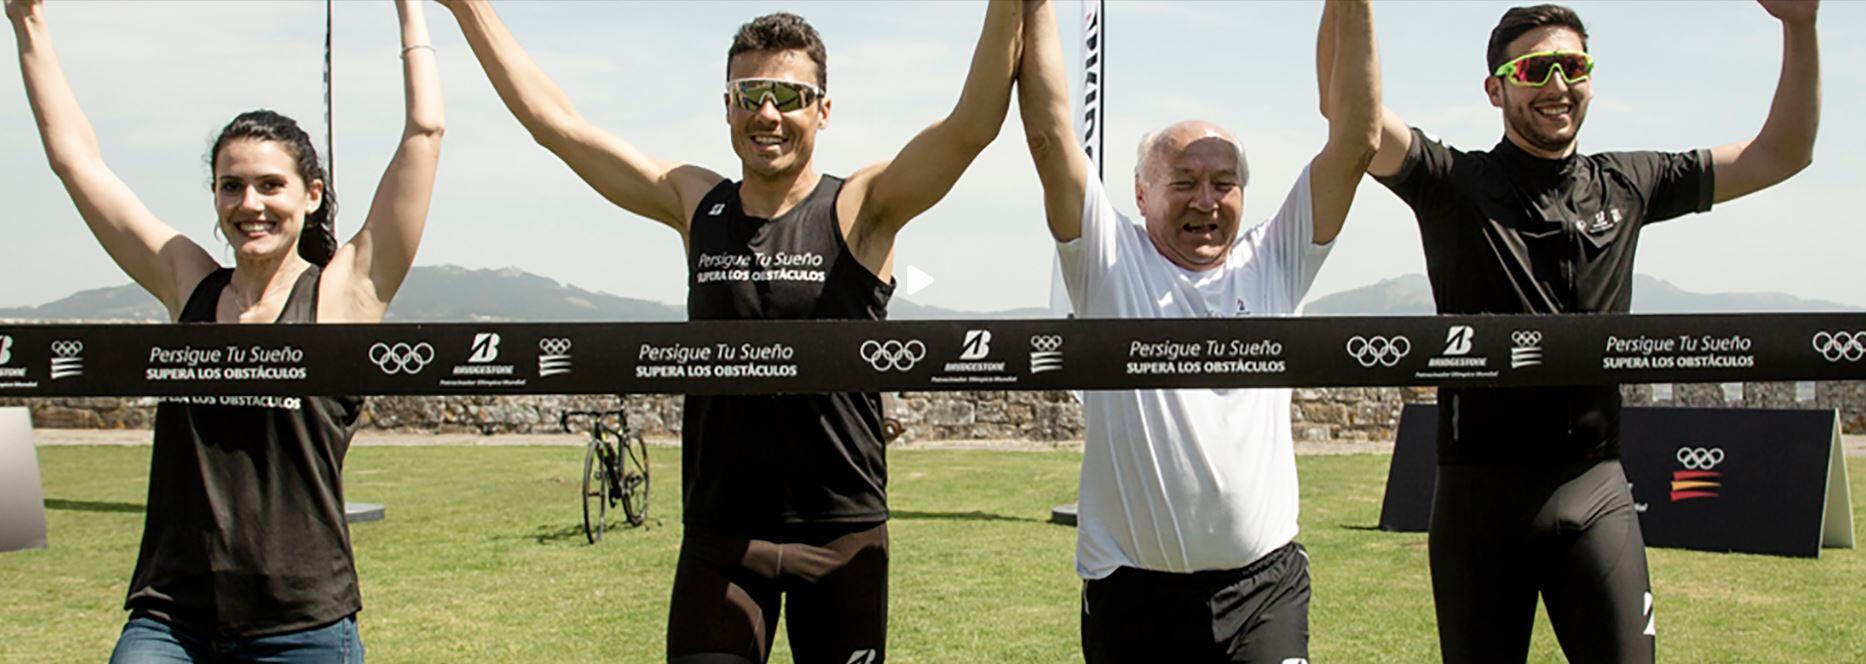 noya-ayuda-personas-triatlon Javier Gómez Noya ayuda a 3 personas a completar su sueño de volver al deporte Noticias Triatlón